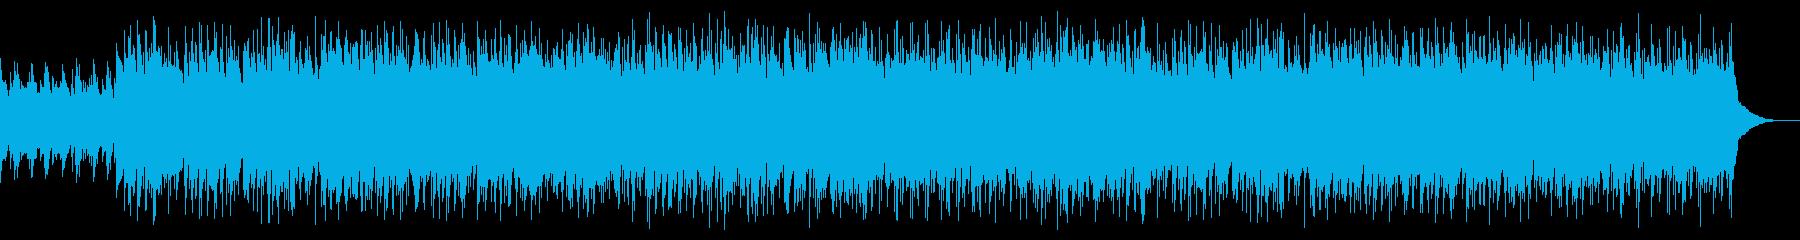 ボサノバ ジャズ ピアノ ナイロンギターの再生済みの波形